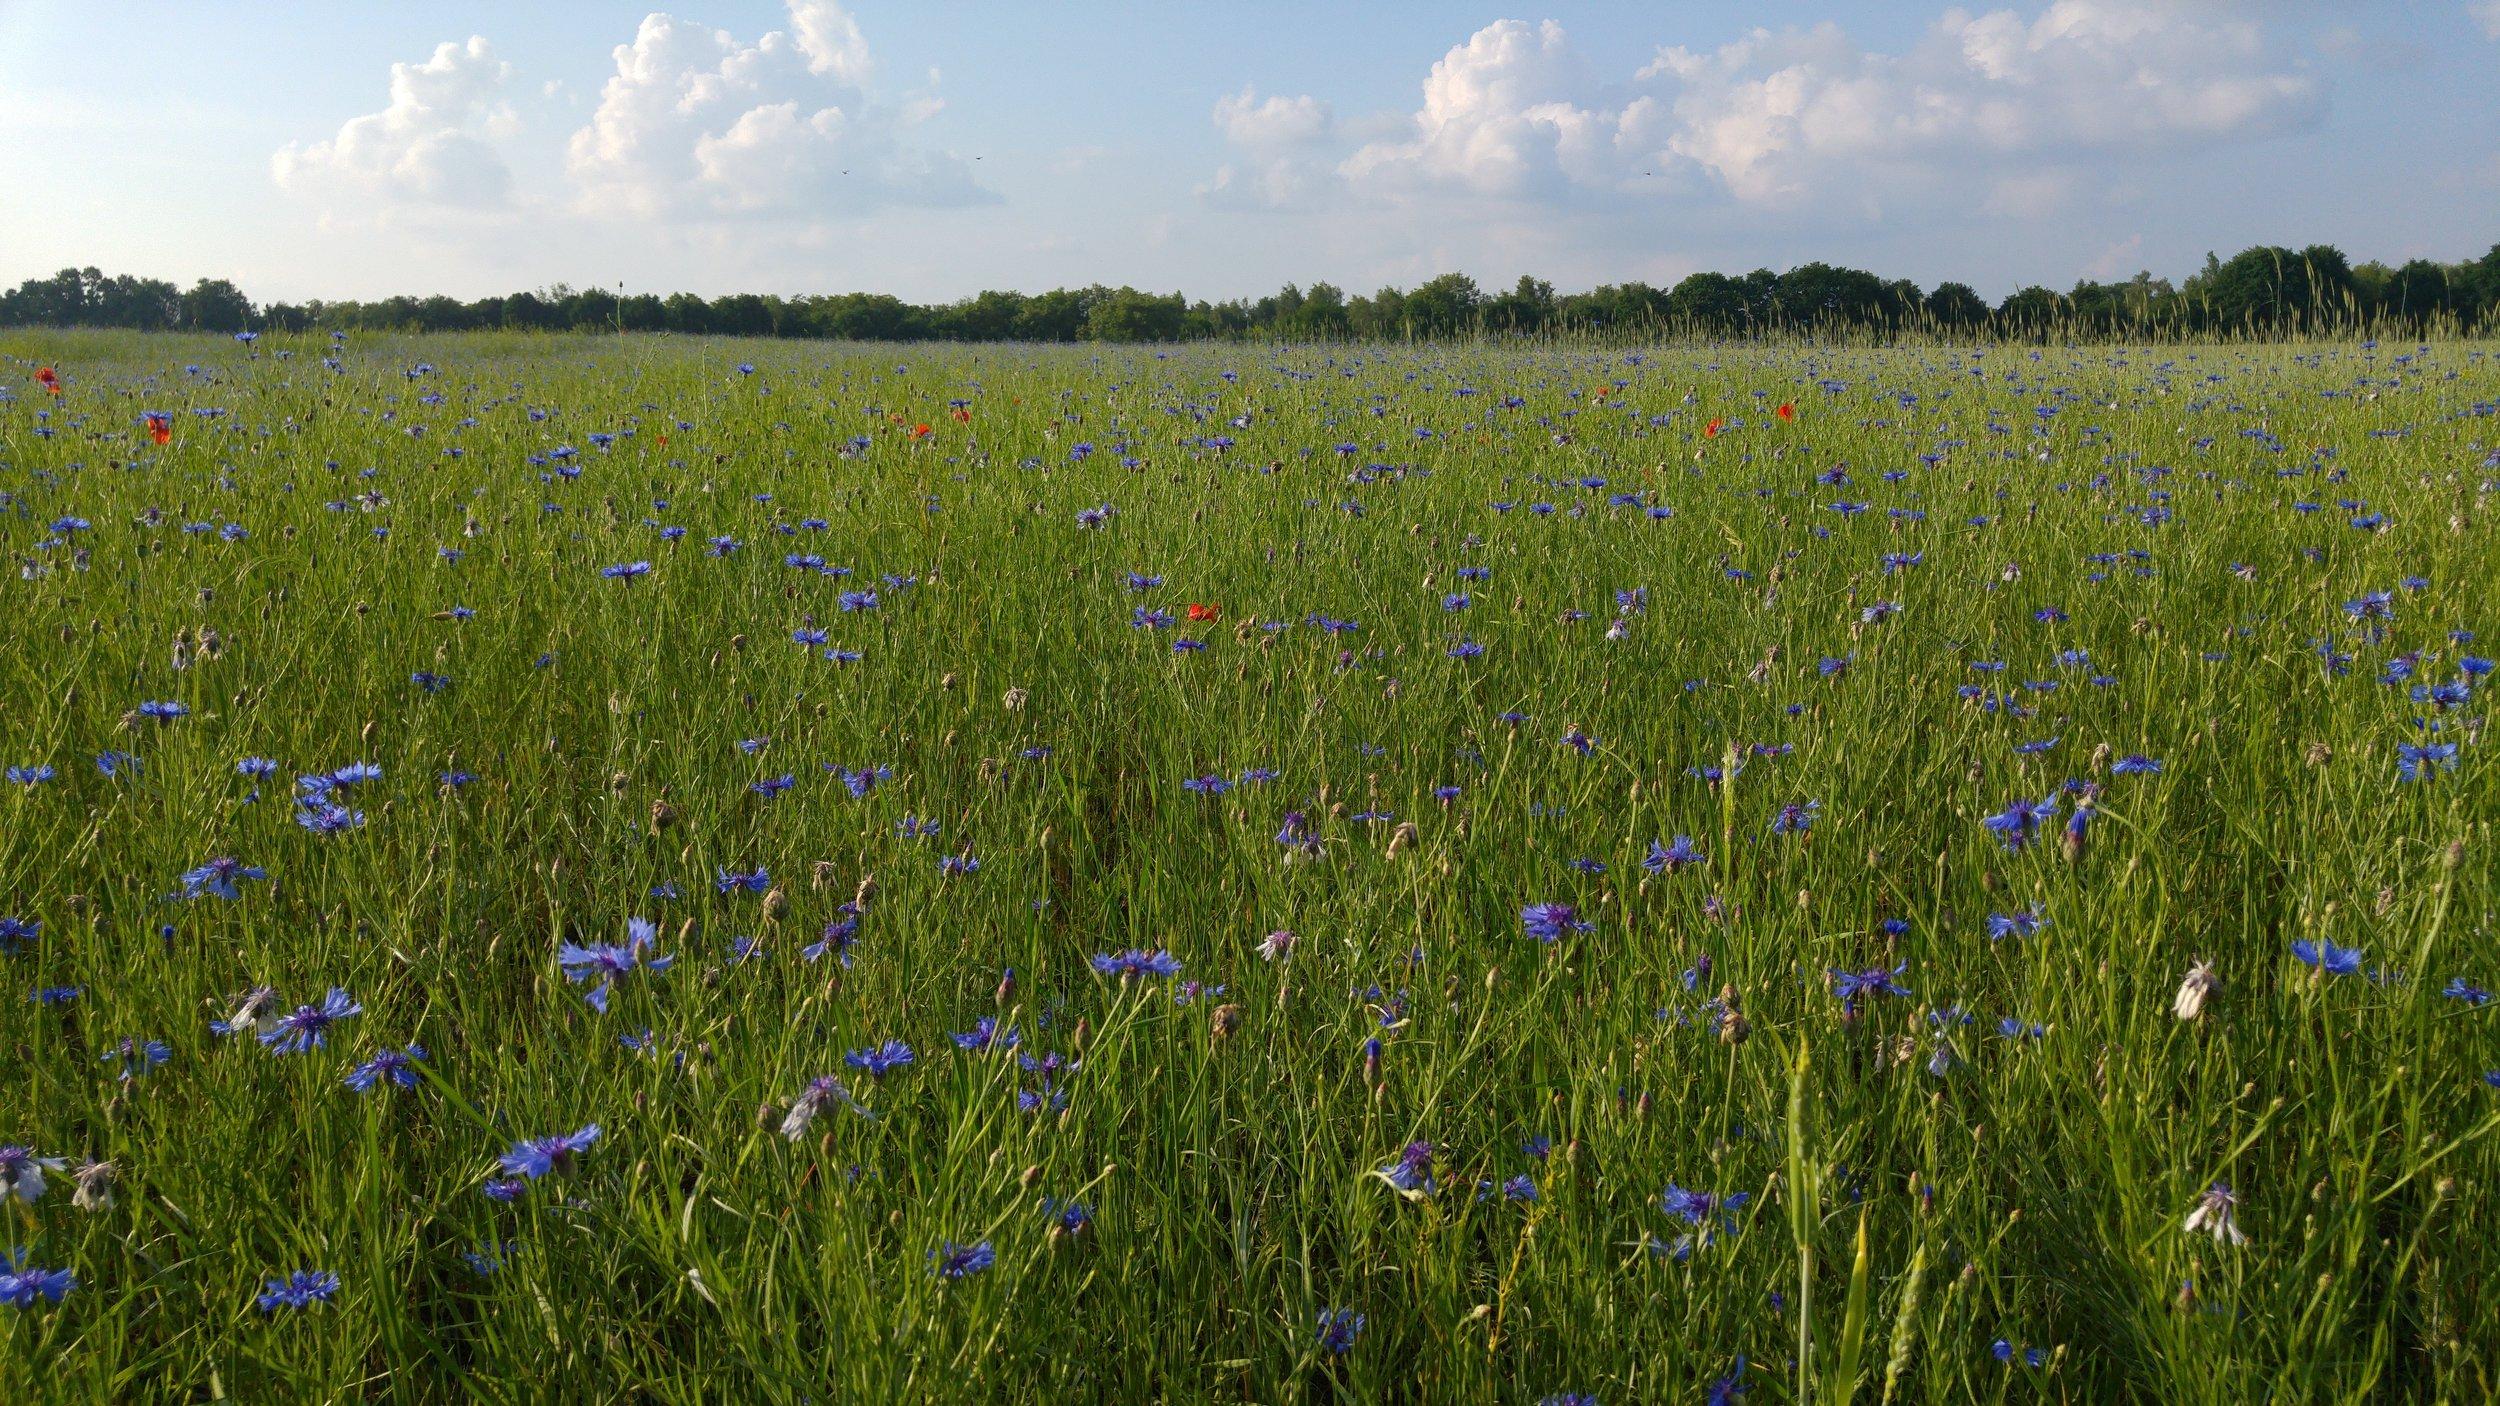 23. Cornflower Blue -